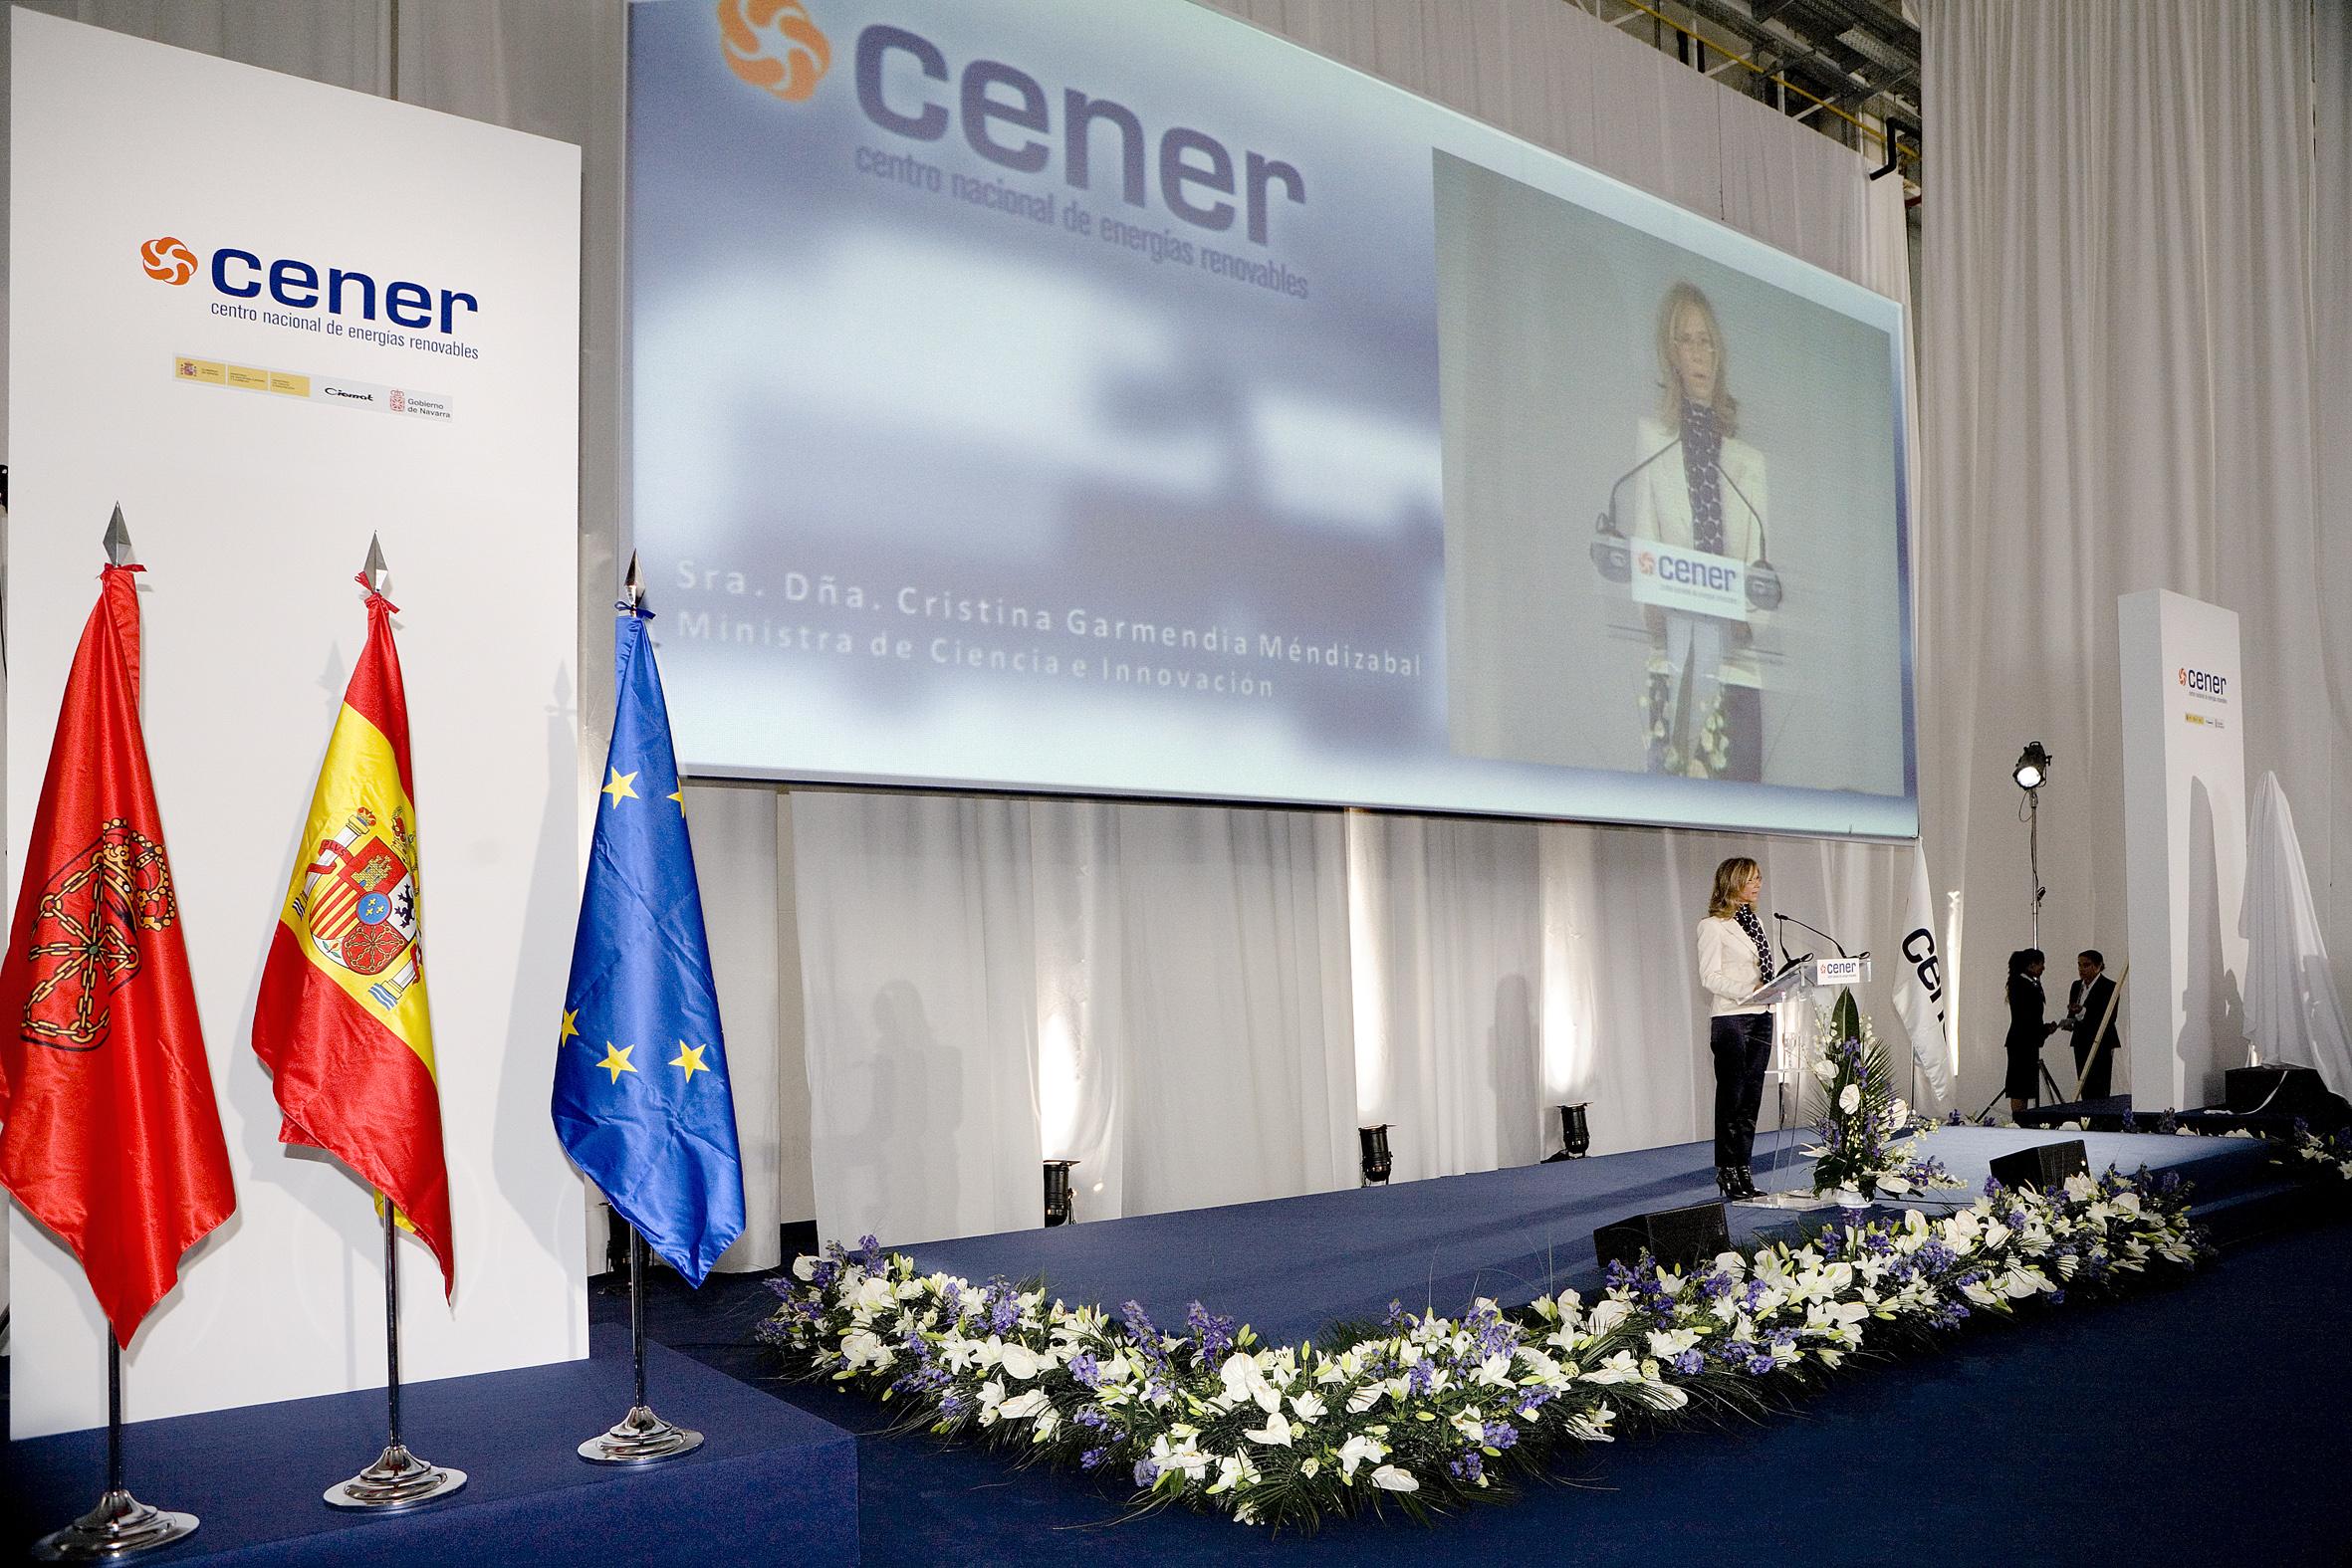 Intervención de la ministra Cristina Garmendia durante el acto de inauguración del LEA (2008).